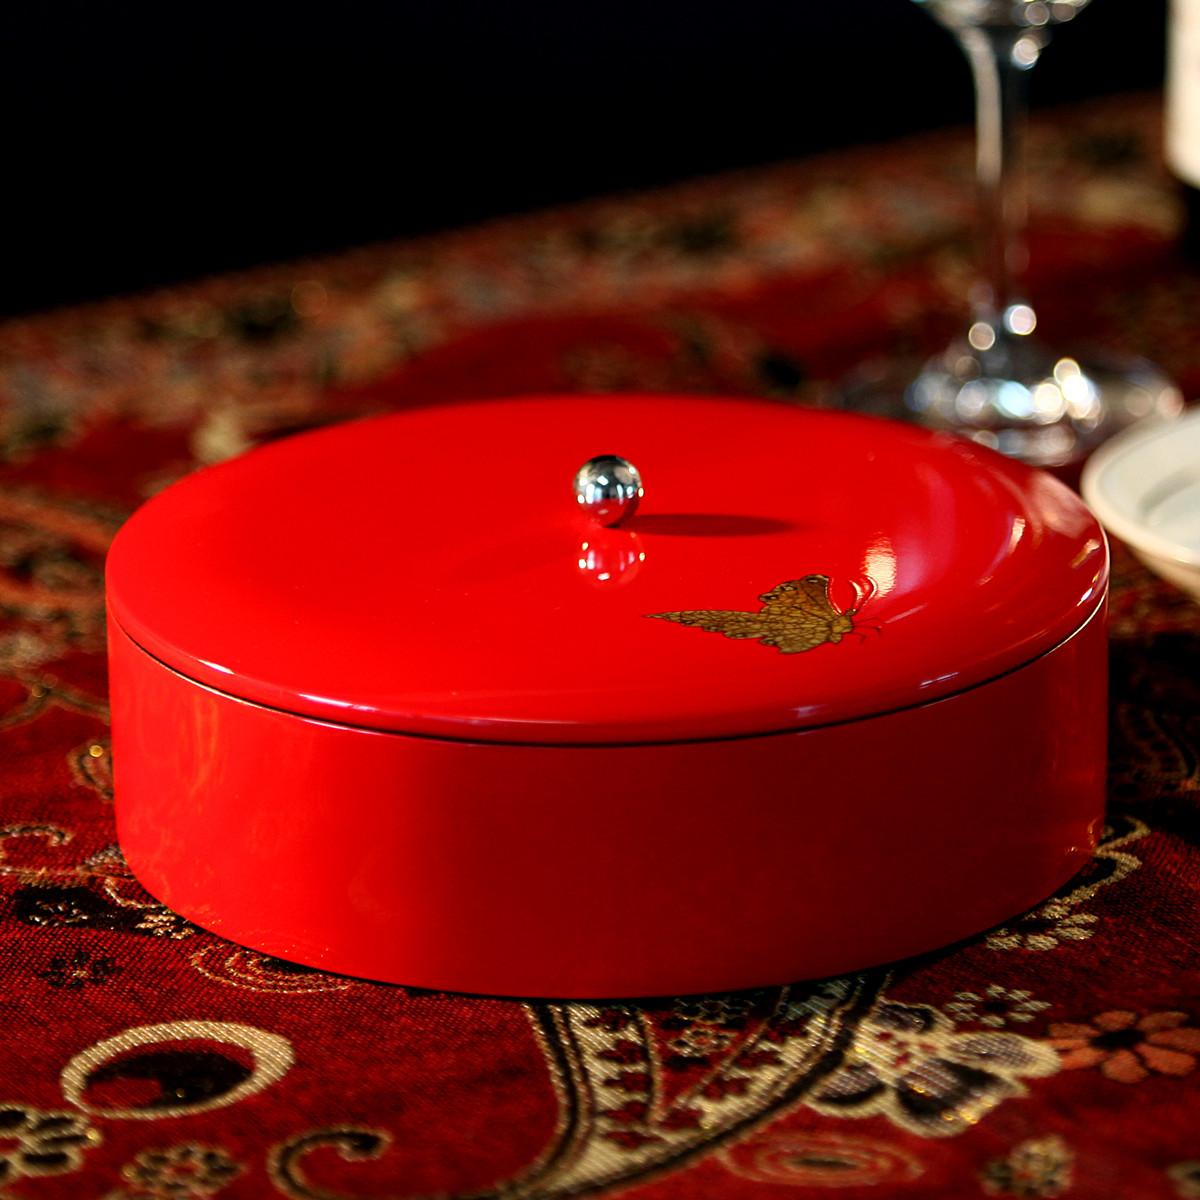 实木漆器喜糖盒红色瓜子干果分格收纳盒新年婚庆糖果盘客厅小摆件